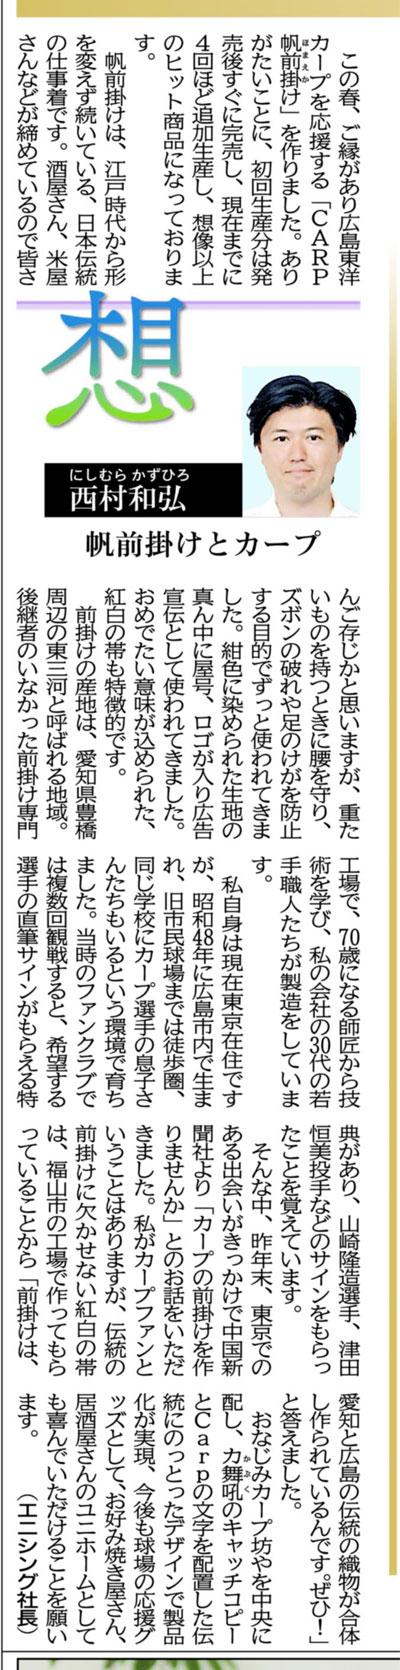 【中国新聞】セレクト1面(9.jpg